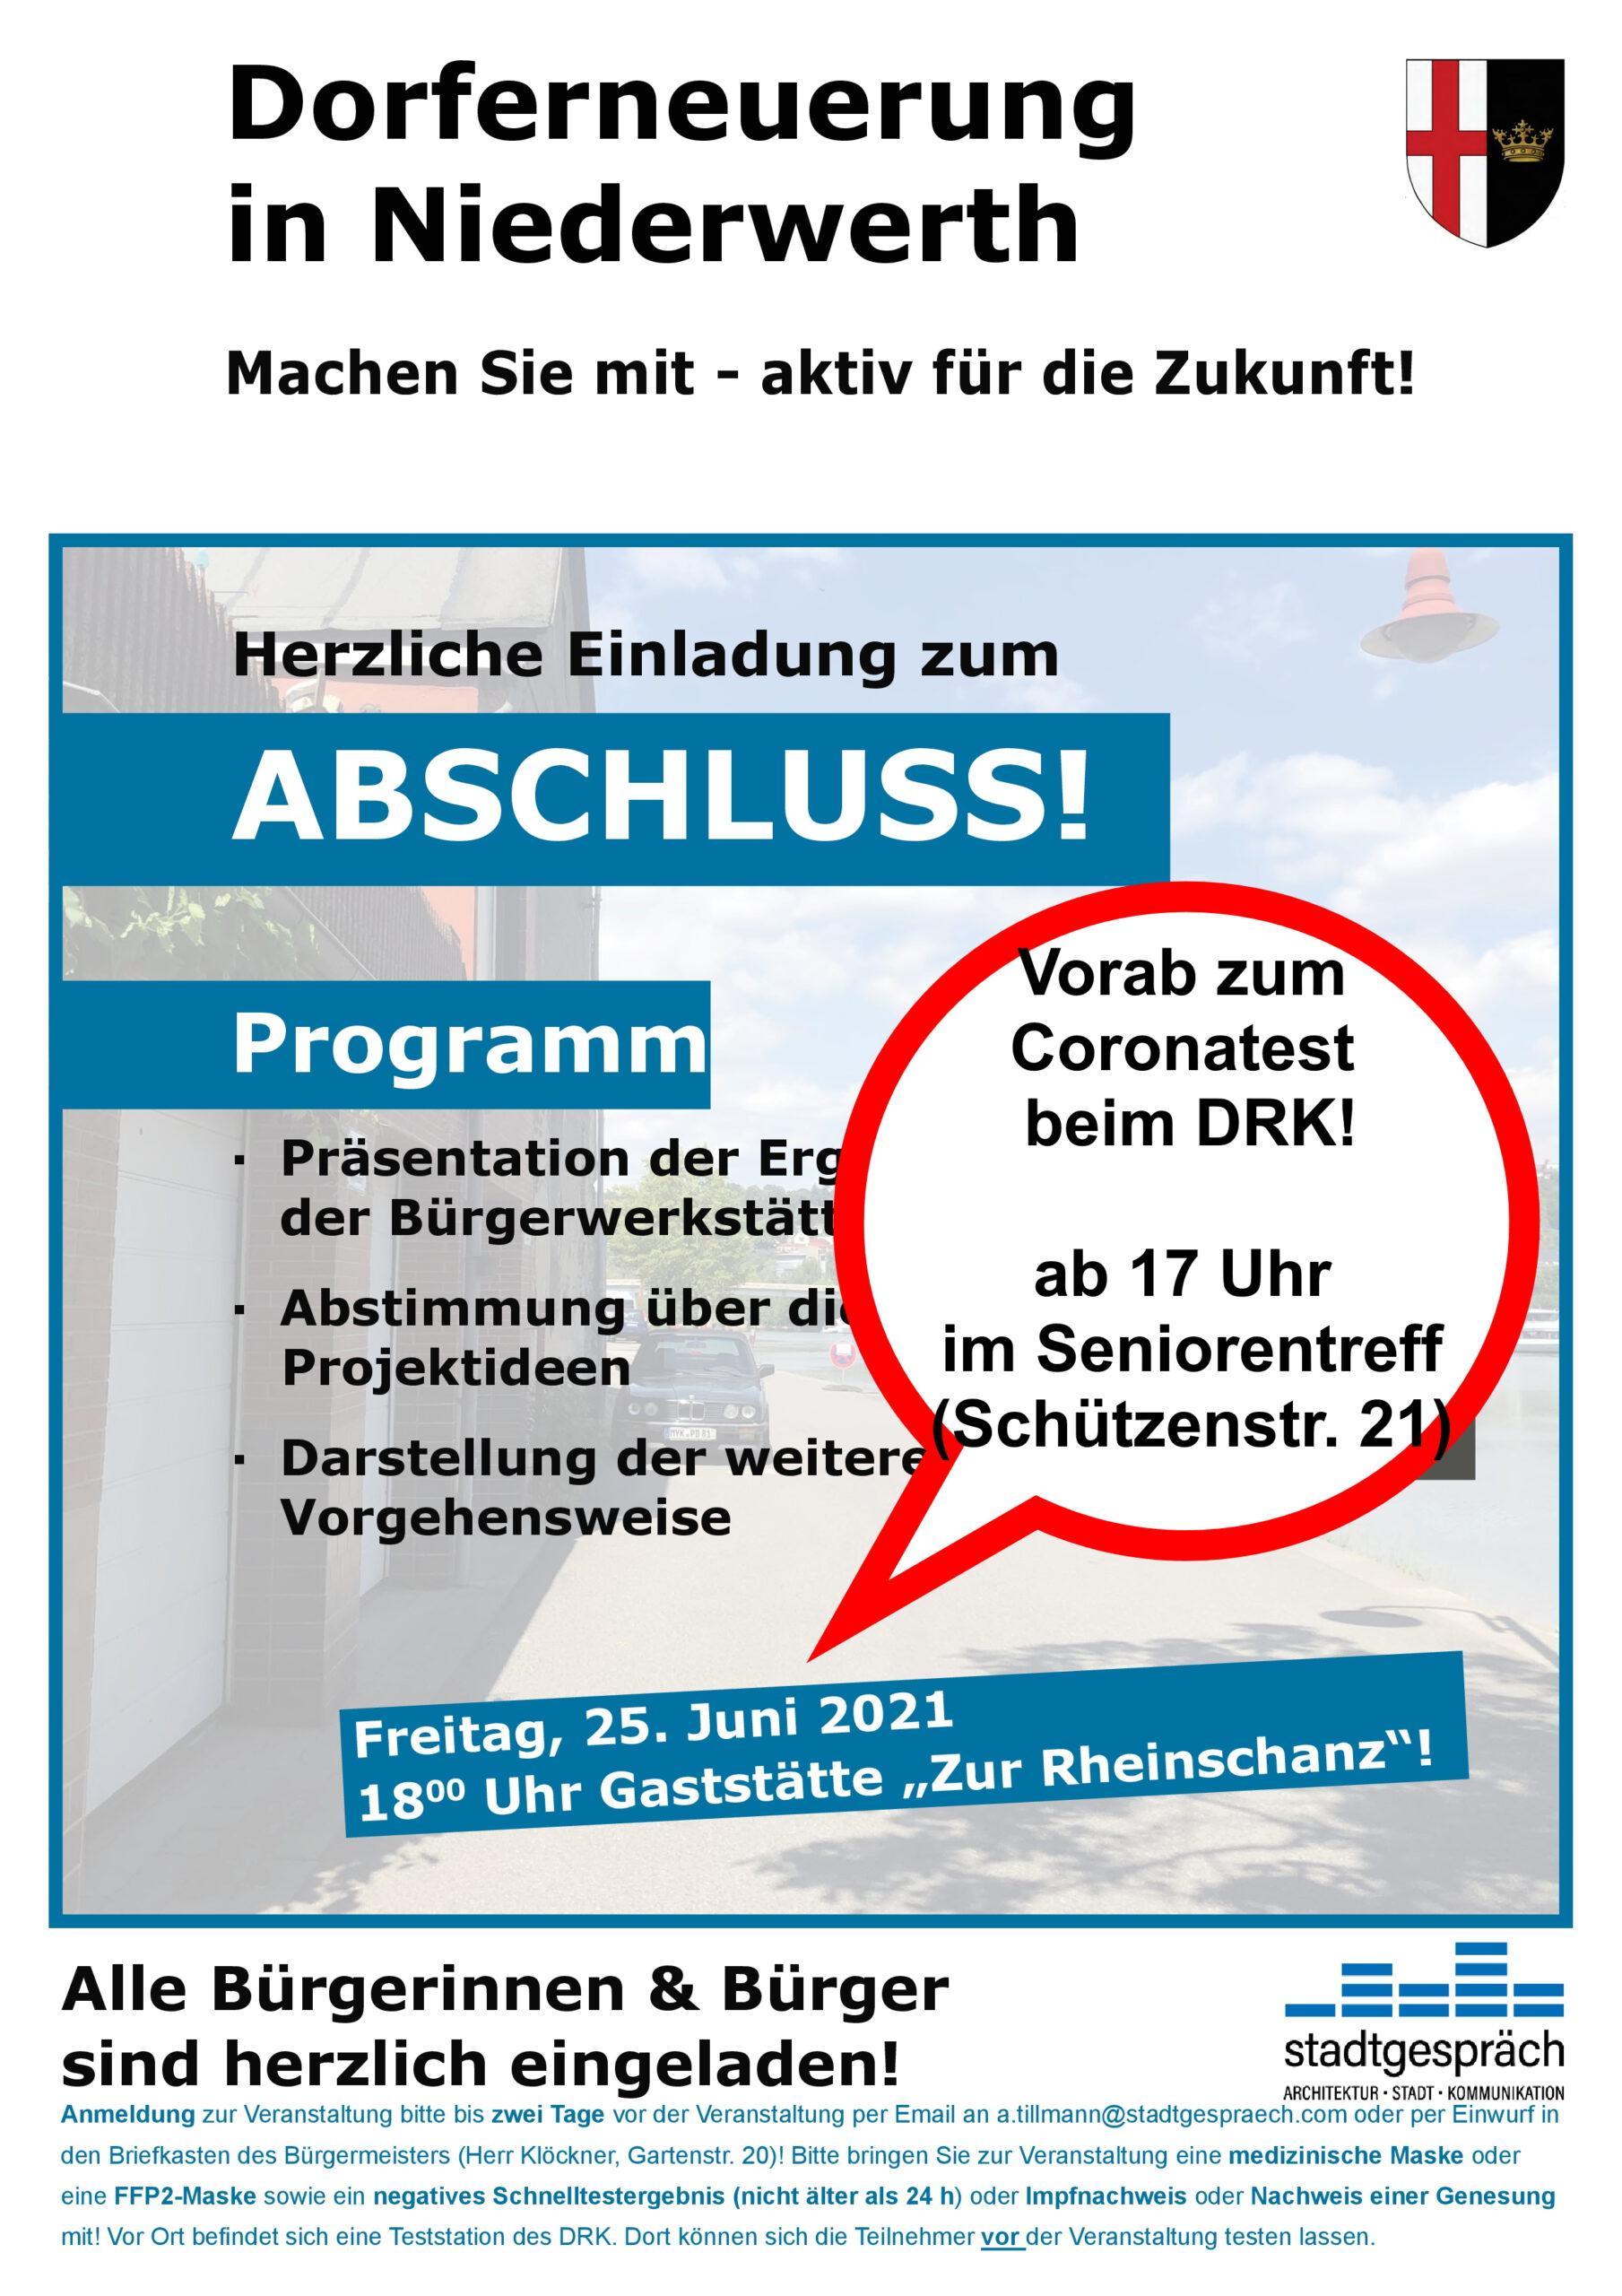 Öffnung Coronatestzentrum DRK Niederwerth